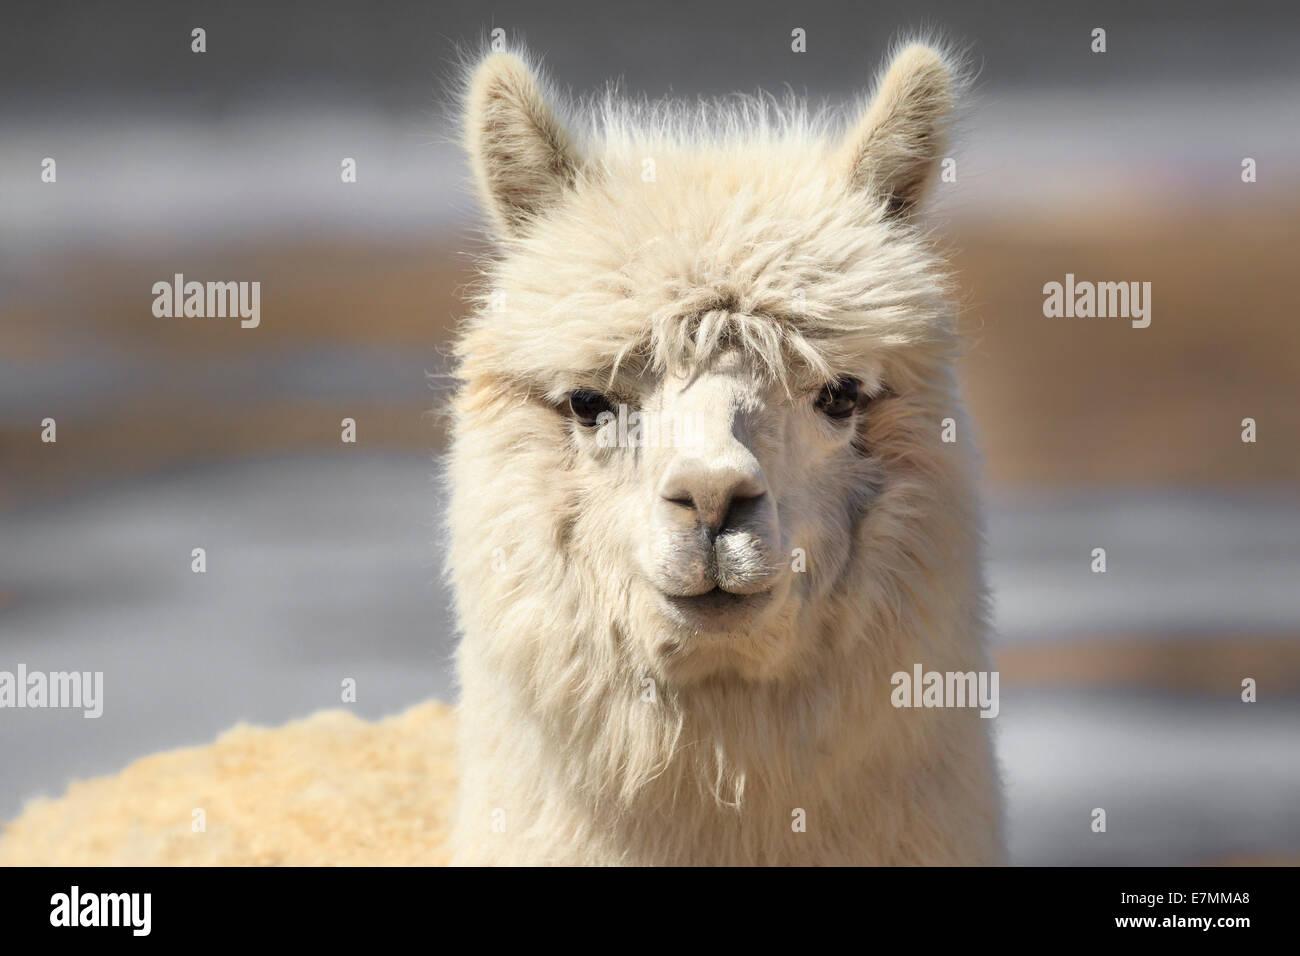 Chile, El Norte Grande, Region de Arica y Parinacota, Lauca National Park, llama (Lama glama) - Stock Image